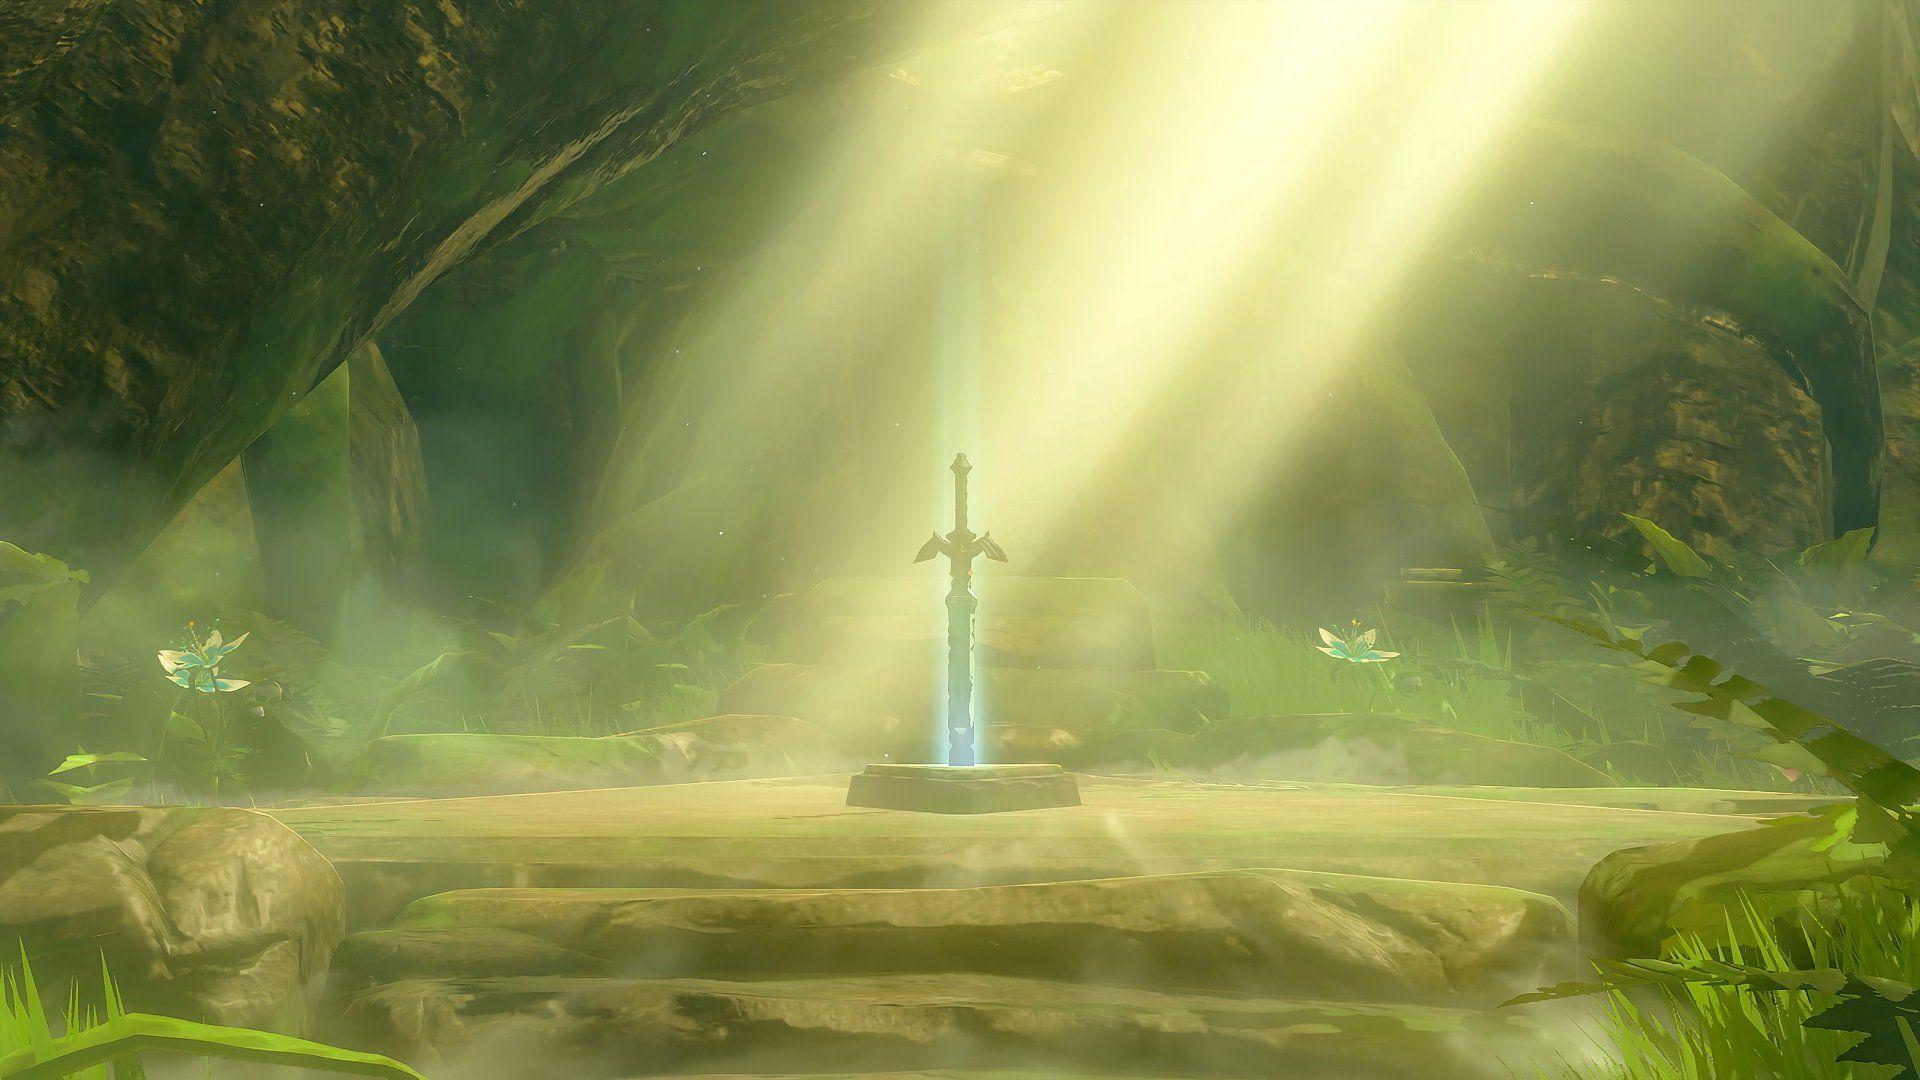 The Legend Of Zelda Breath Of The Wild The Legend Of Zelda Espada Mestra Zelda